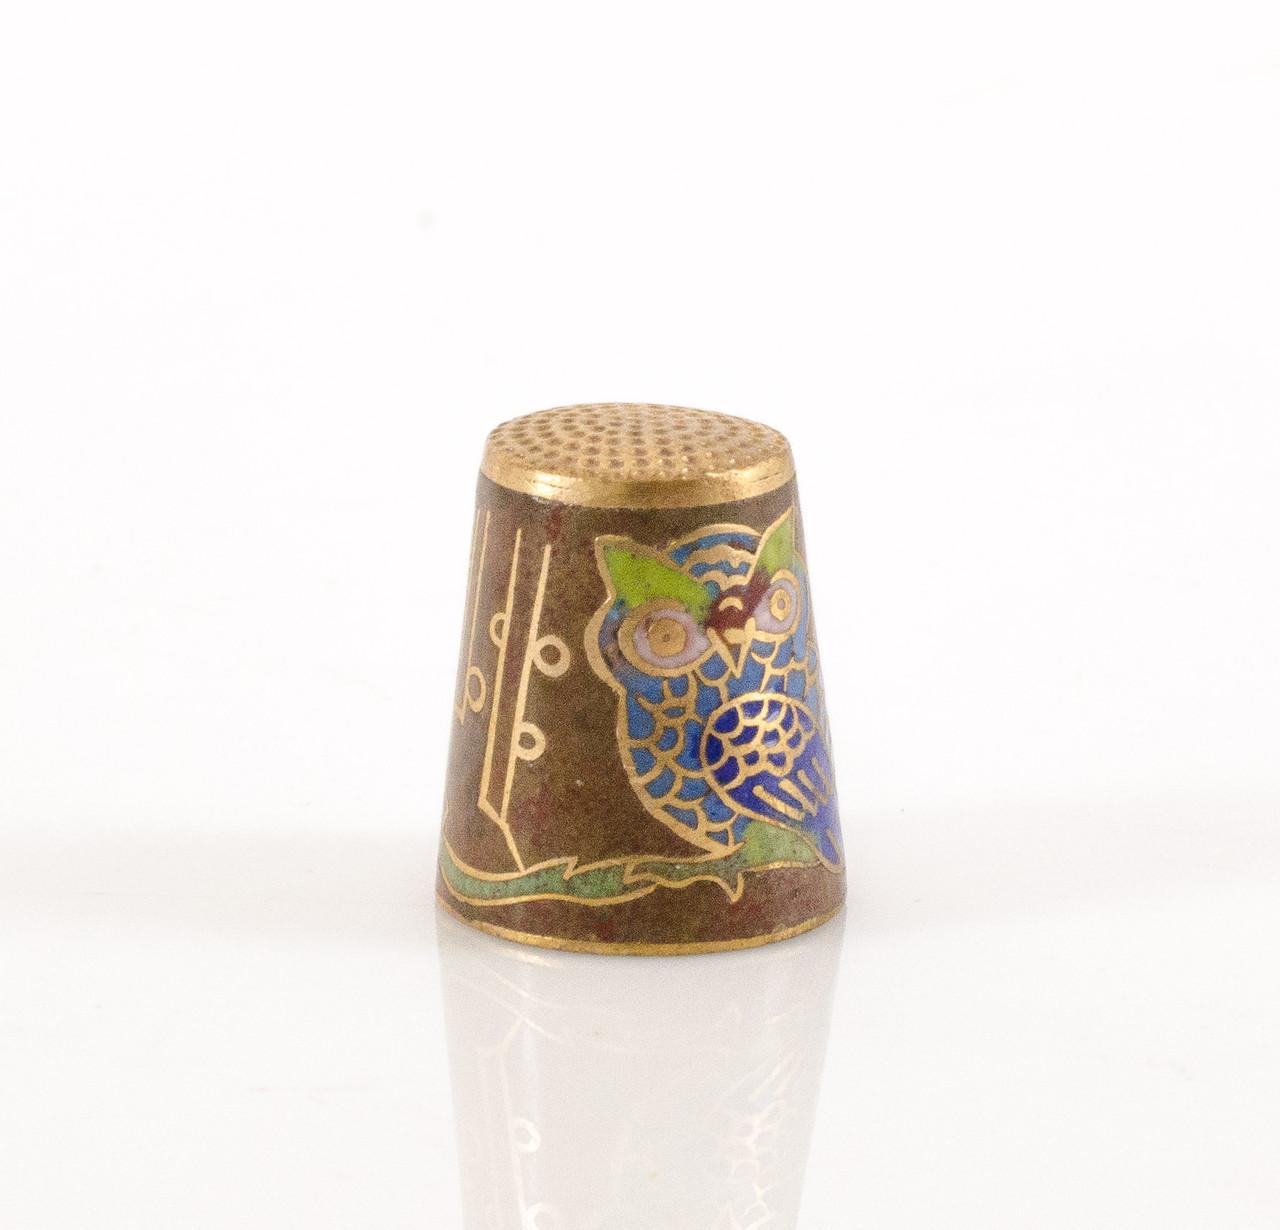 Старый бронзовый наперсток Клуазоне, латунь, бронза, перегородчатая эмаль, Сова